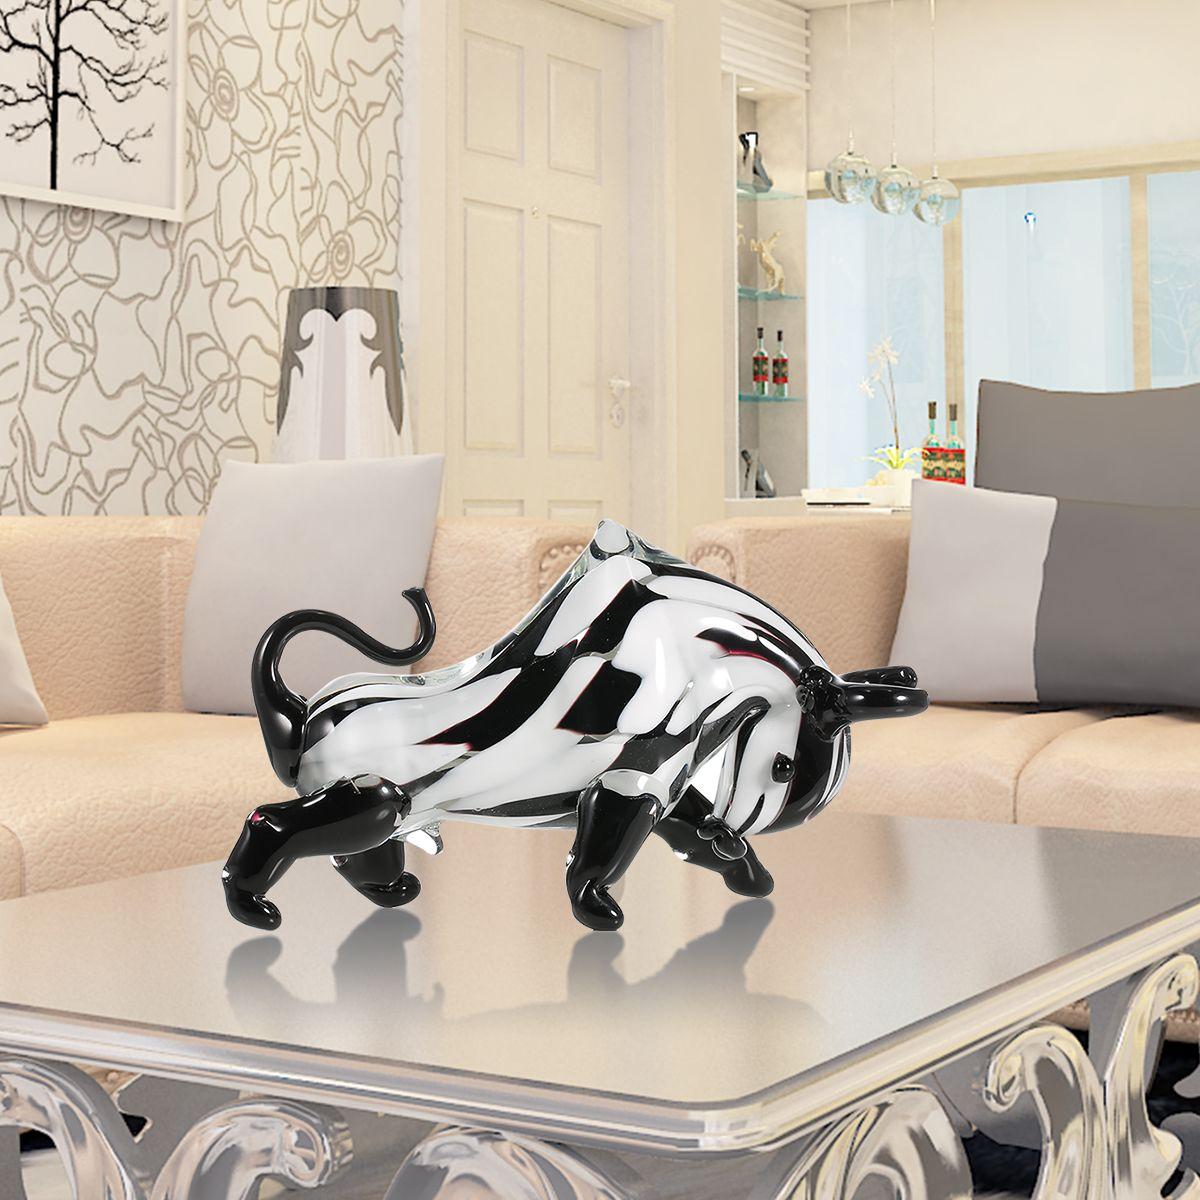 Decoracion hogar barata trendy mesas y sillas de cocina - Decoracion original hogar ...